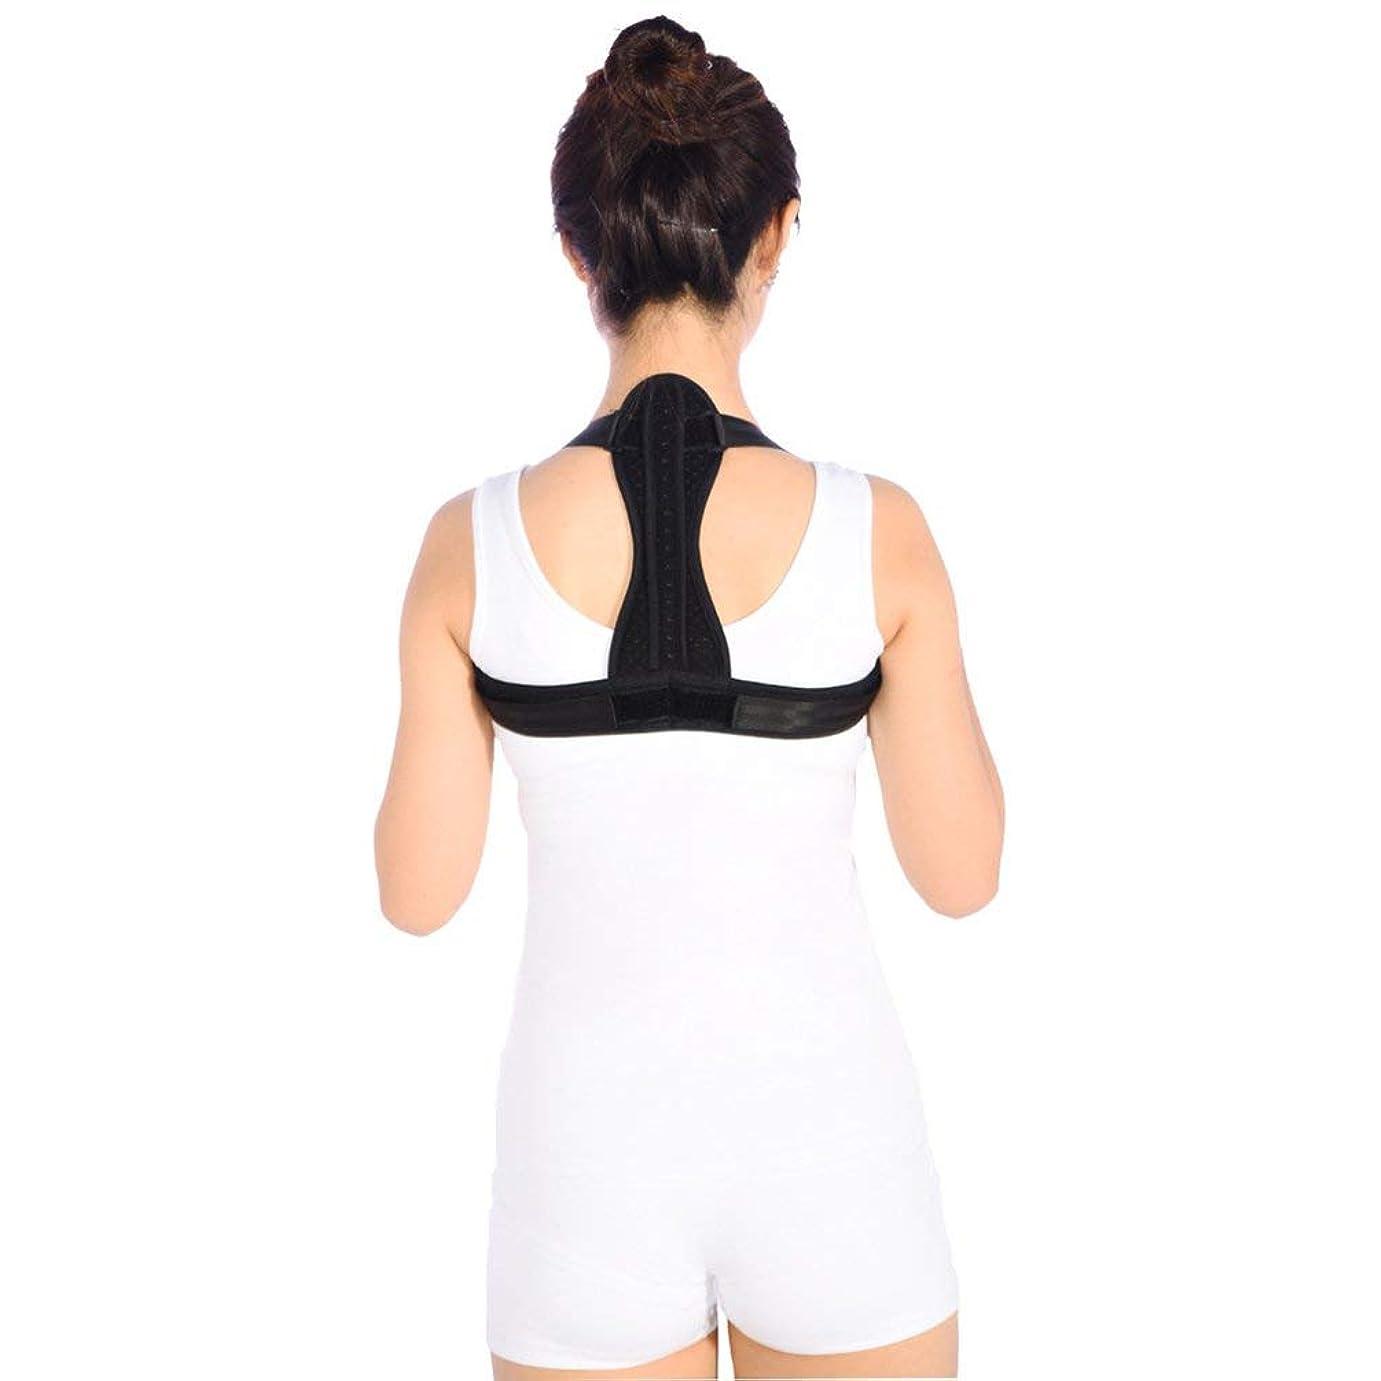 引く間隔昇る通気性の脊柱側弯症ザトウクジラ補正ベルト調節可能な快適さ目に見えないベルト男性女性大人学生子供 - 黒